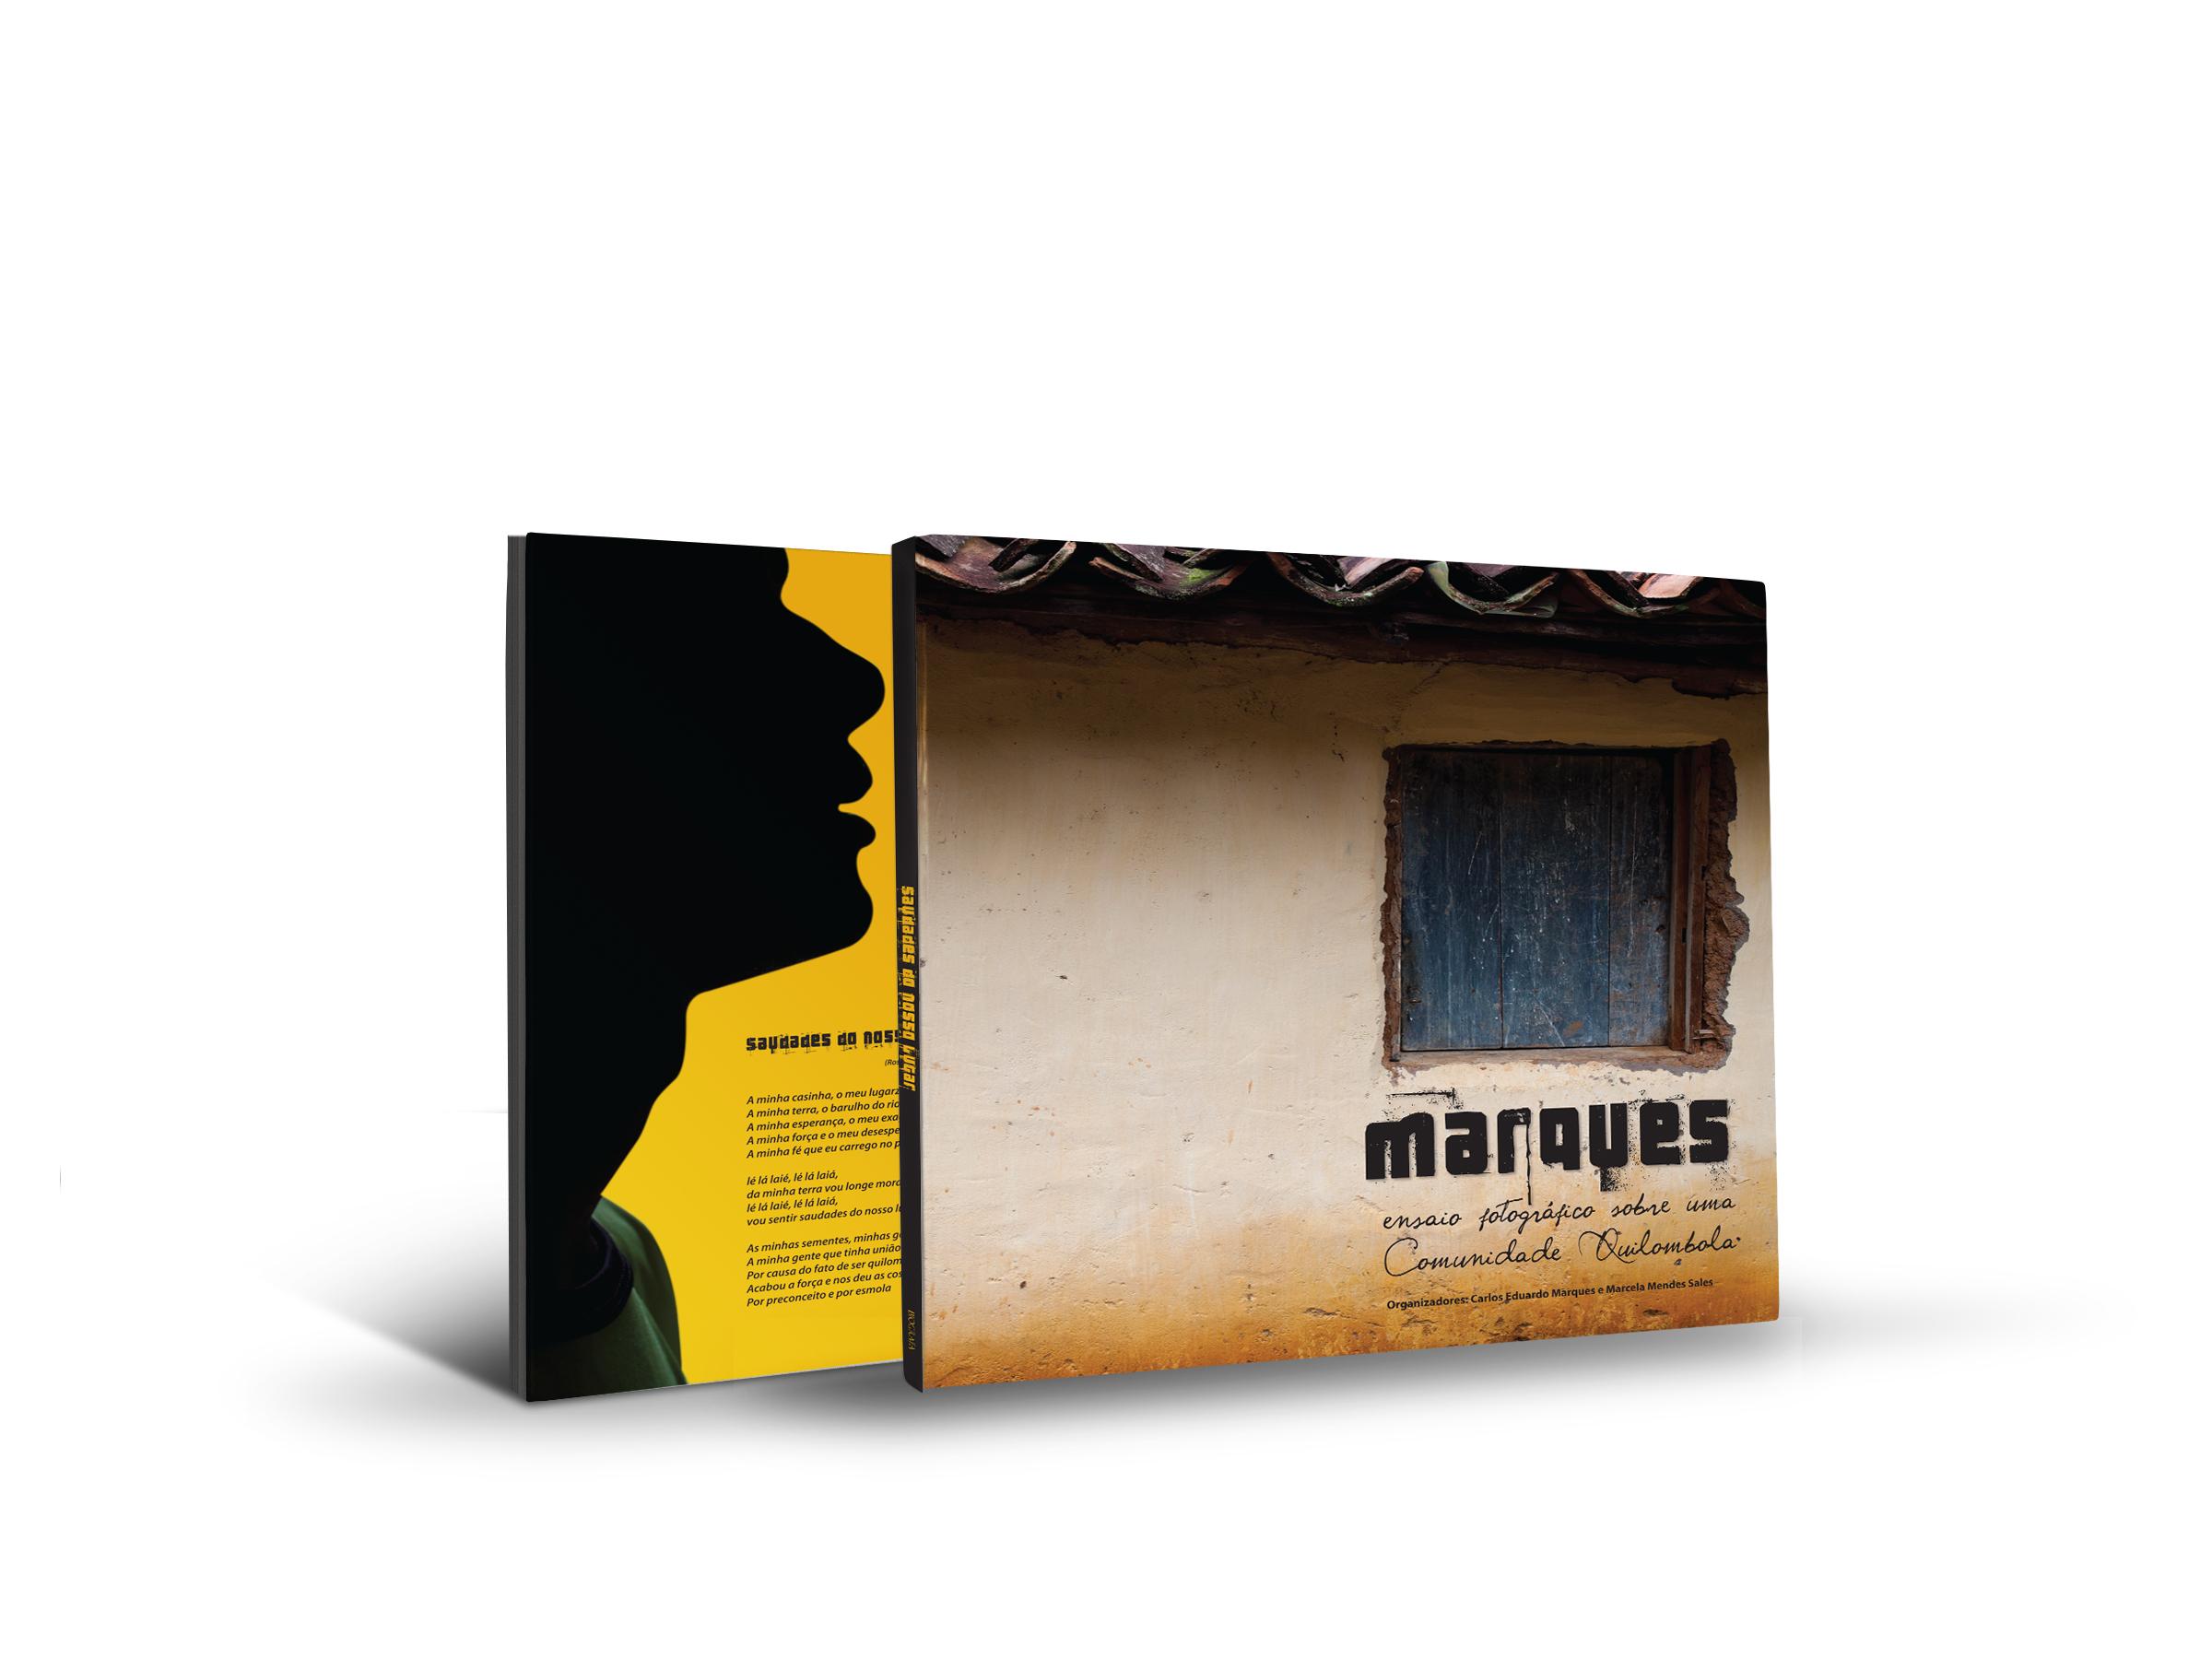 livro_biografia_fotografia_marques